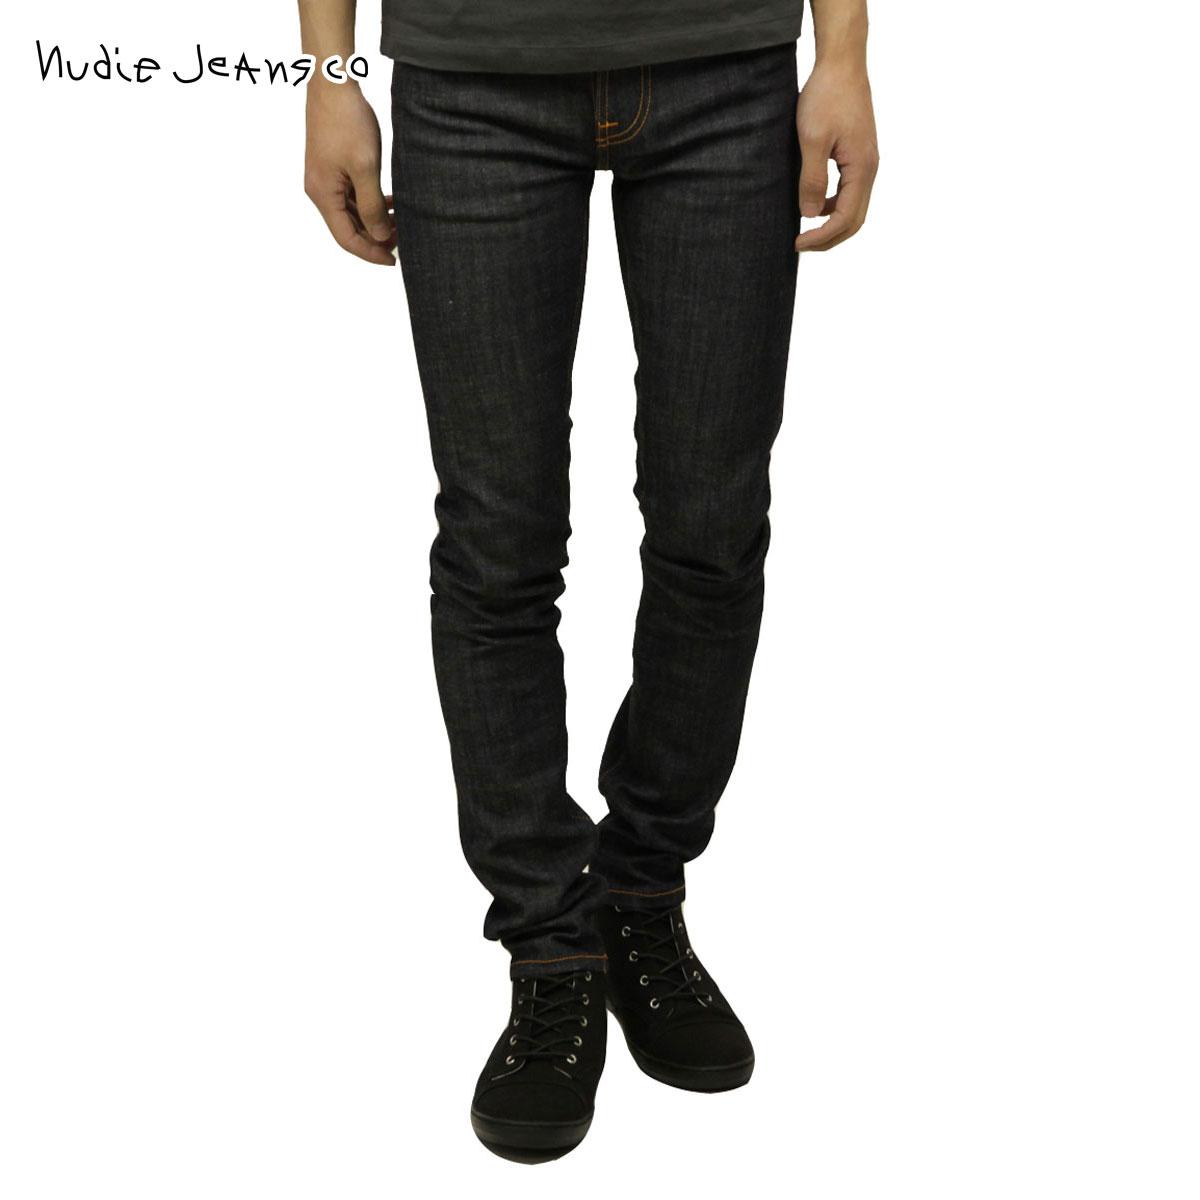 【購入時にもらえるクーポン配布中!】 【あす楽対応】 送料無料 A62B B1C C2D D1E E06F  ヌーディージーンズ ジーンズ メンズ 正規販売店 Nudie Jeans ジーパン THIN FINN DRY TWILL 934 111085 1005 D15S25